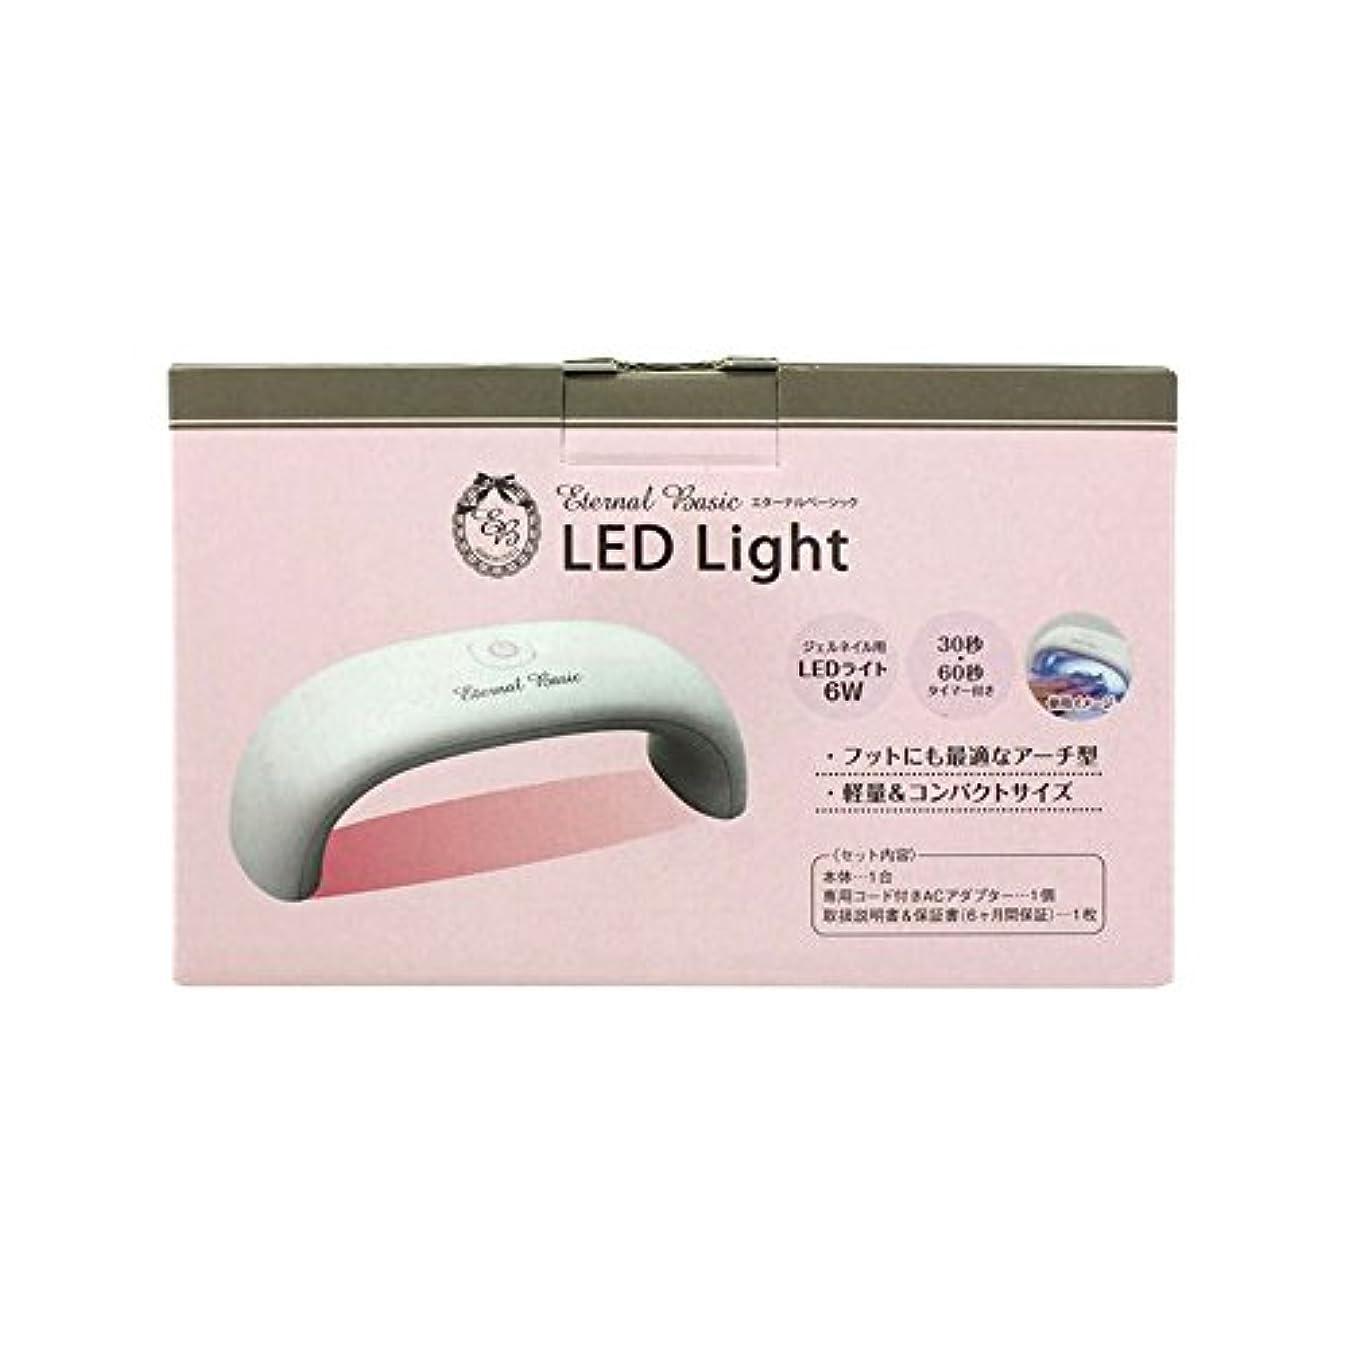 あまりにも原始的な秘密のEB LEDライト2 (1台)